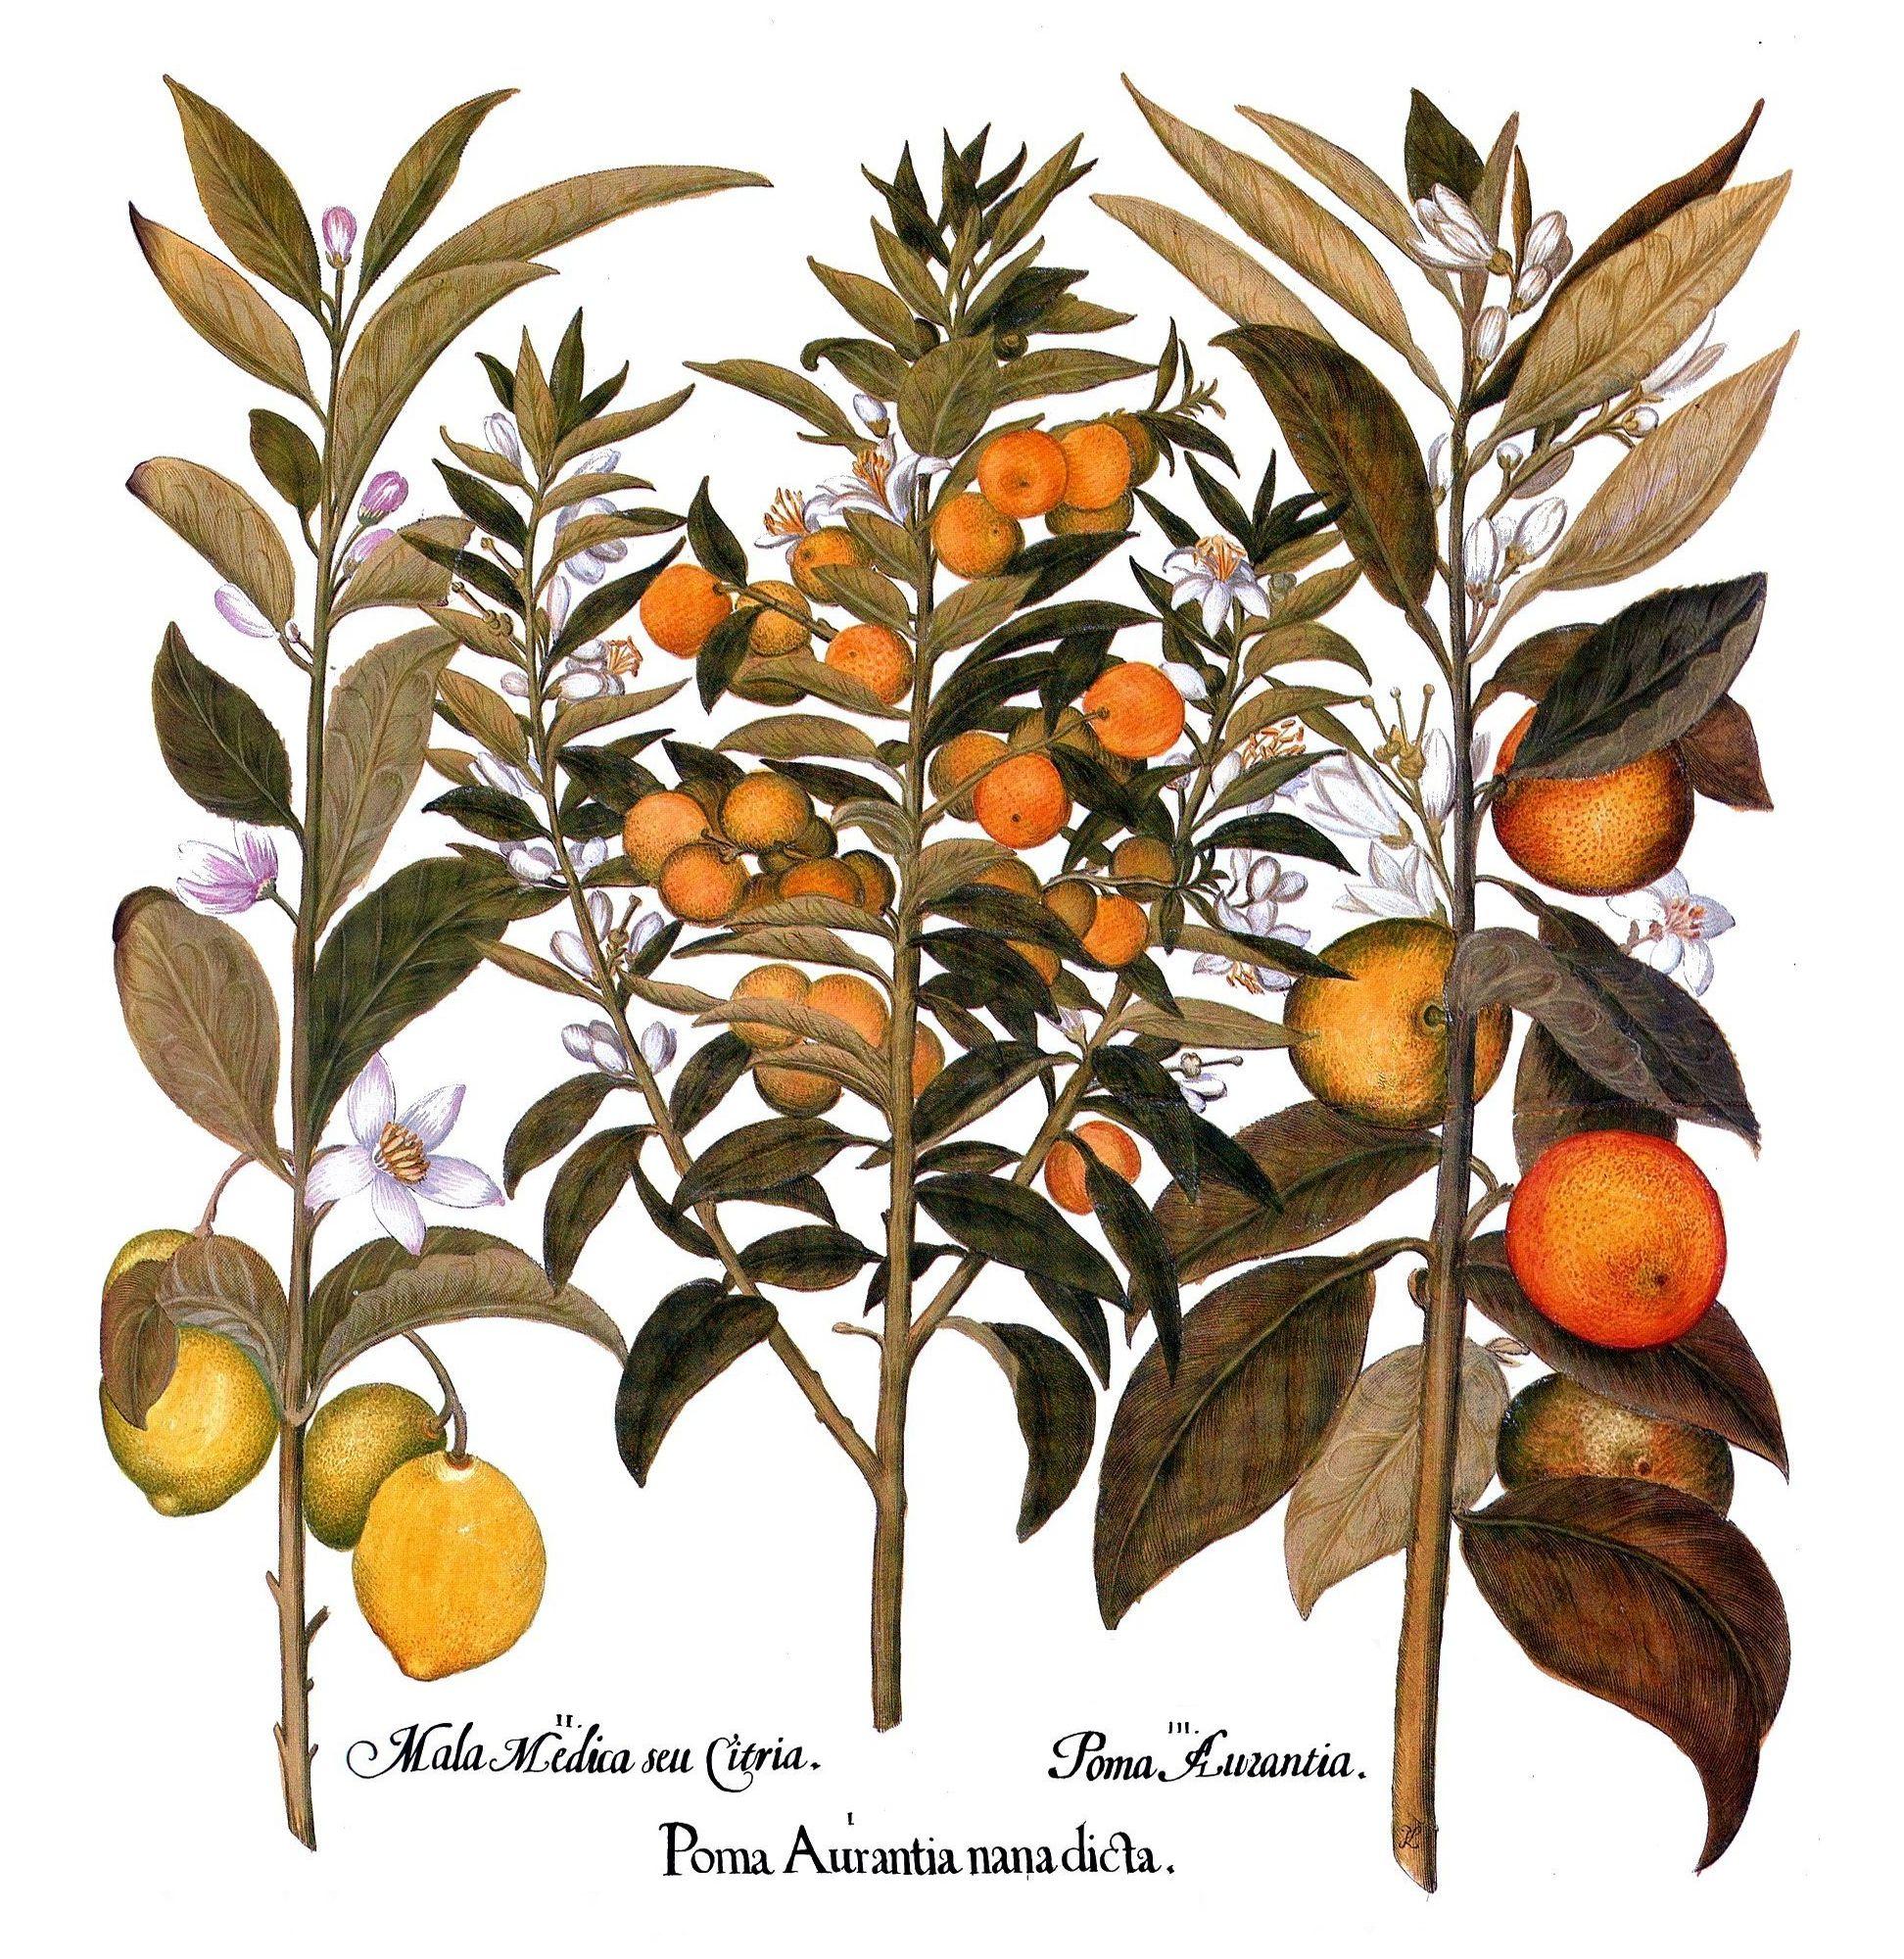 """Zu den Kostbarkeiten der botanischen Literatur zählt der 1613 von Basilius Besler in Nürnberg herausgegebene """"Hortus Eystettensis"""". Der reich illustrierte, detailreiche Prachtband zeigt eine Fülle der damals bekannten Zier- und Nutzpflanzen. Eine Tafel des großformatigen Werkes ist den Agrumen (Zitrusgewächsen) gewidmet. Die Abbildung zeigt (von links) einen Zitronat-Zitronenbaum, eine Zwerg-Pomeranze und eine Pomeranze (auch Bitterorange genannt). Auch die Gärtner der Gothaer Herzöge haben möglicherweise den """"Hortus Eystettensis"""" gekannt und sich von ihm für die Bepflanzung der Nutz- und Lustgärten in der Residenzstadt inspirieren lassen. (Repro: Cramer)"""